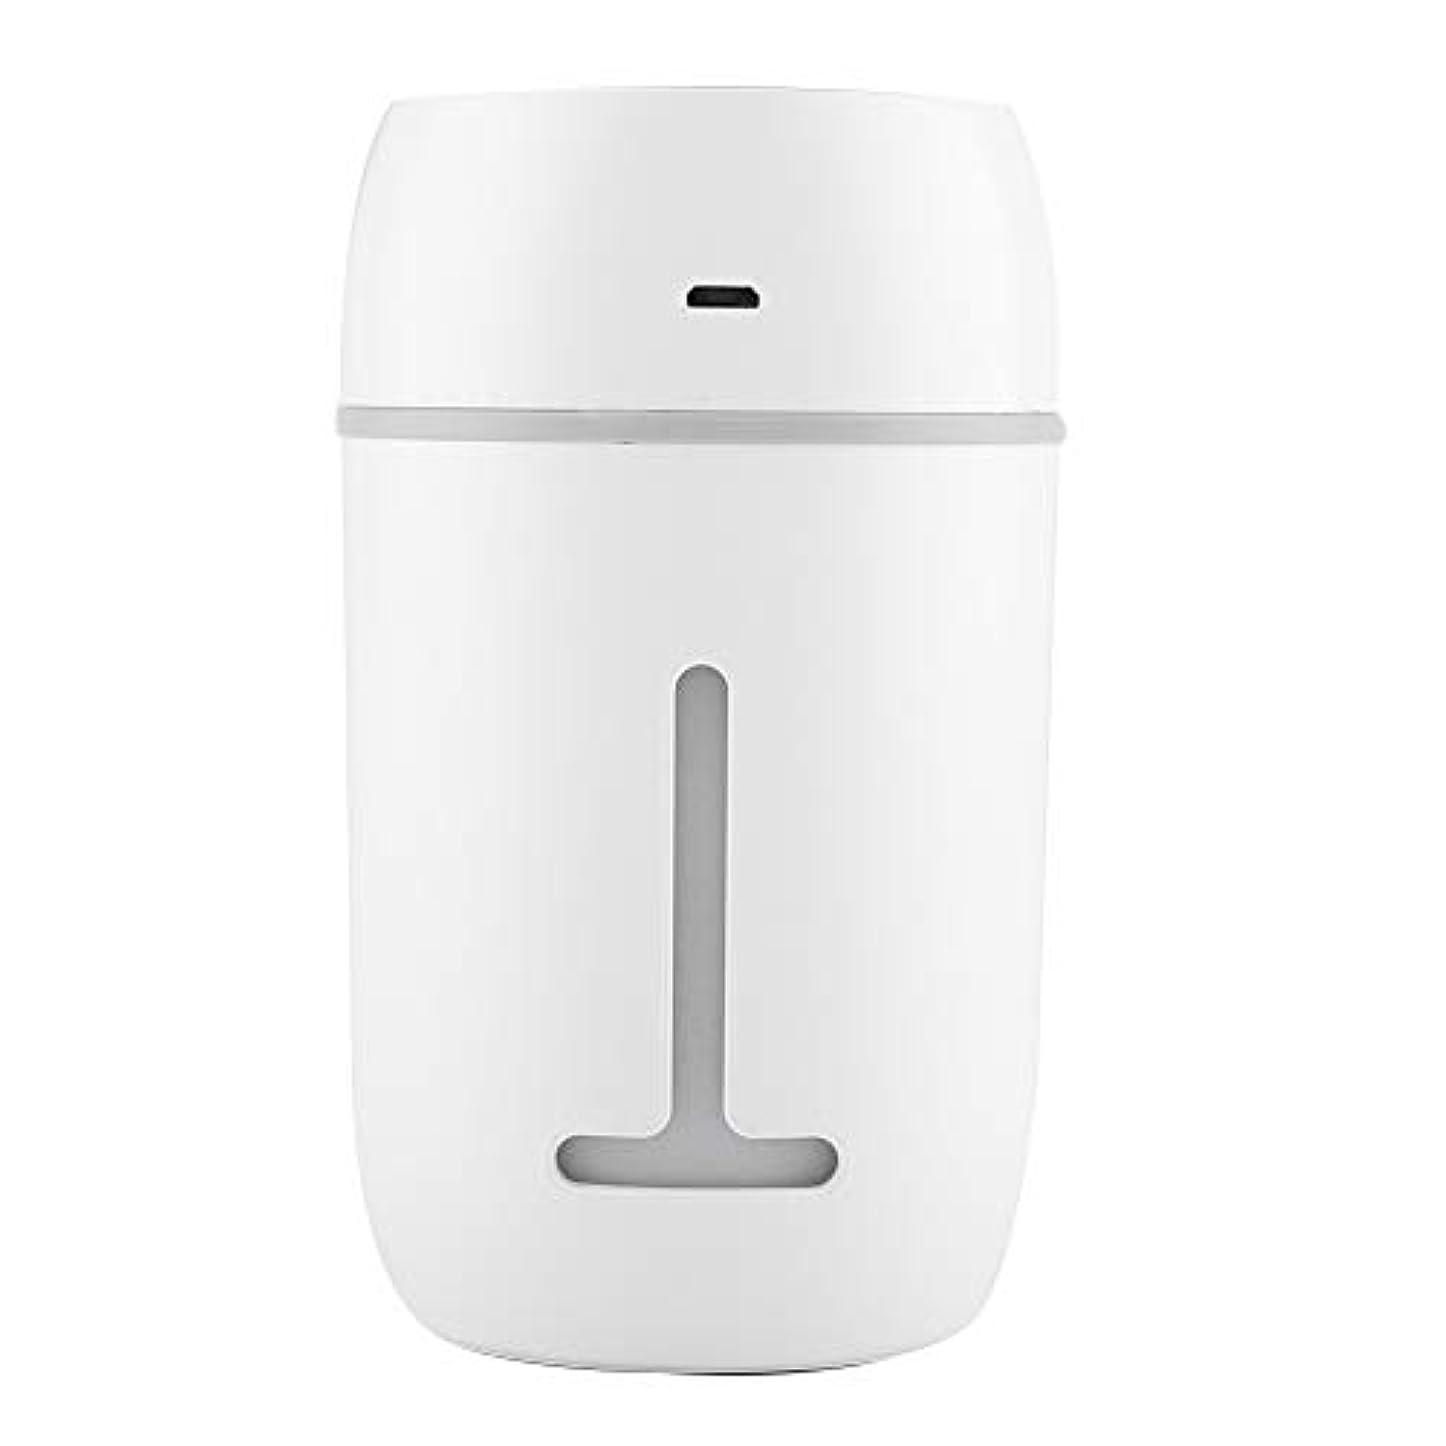 気配りのあるサミット困難ミニUSB加湿器、超音波クールミスト加湿器充電式ポータブルカーオフィス加湿器ディフューザー7色LEDライト